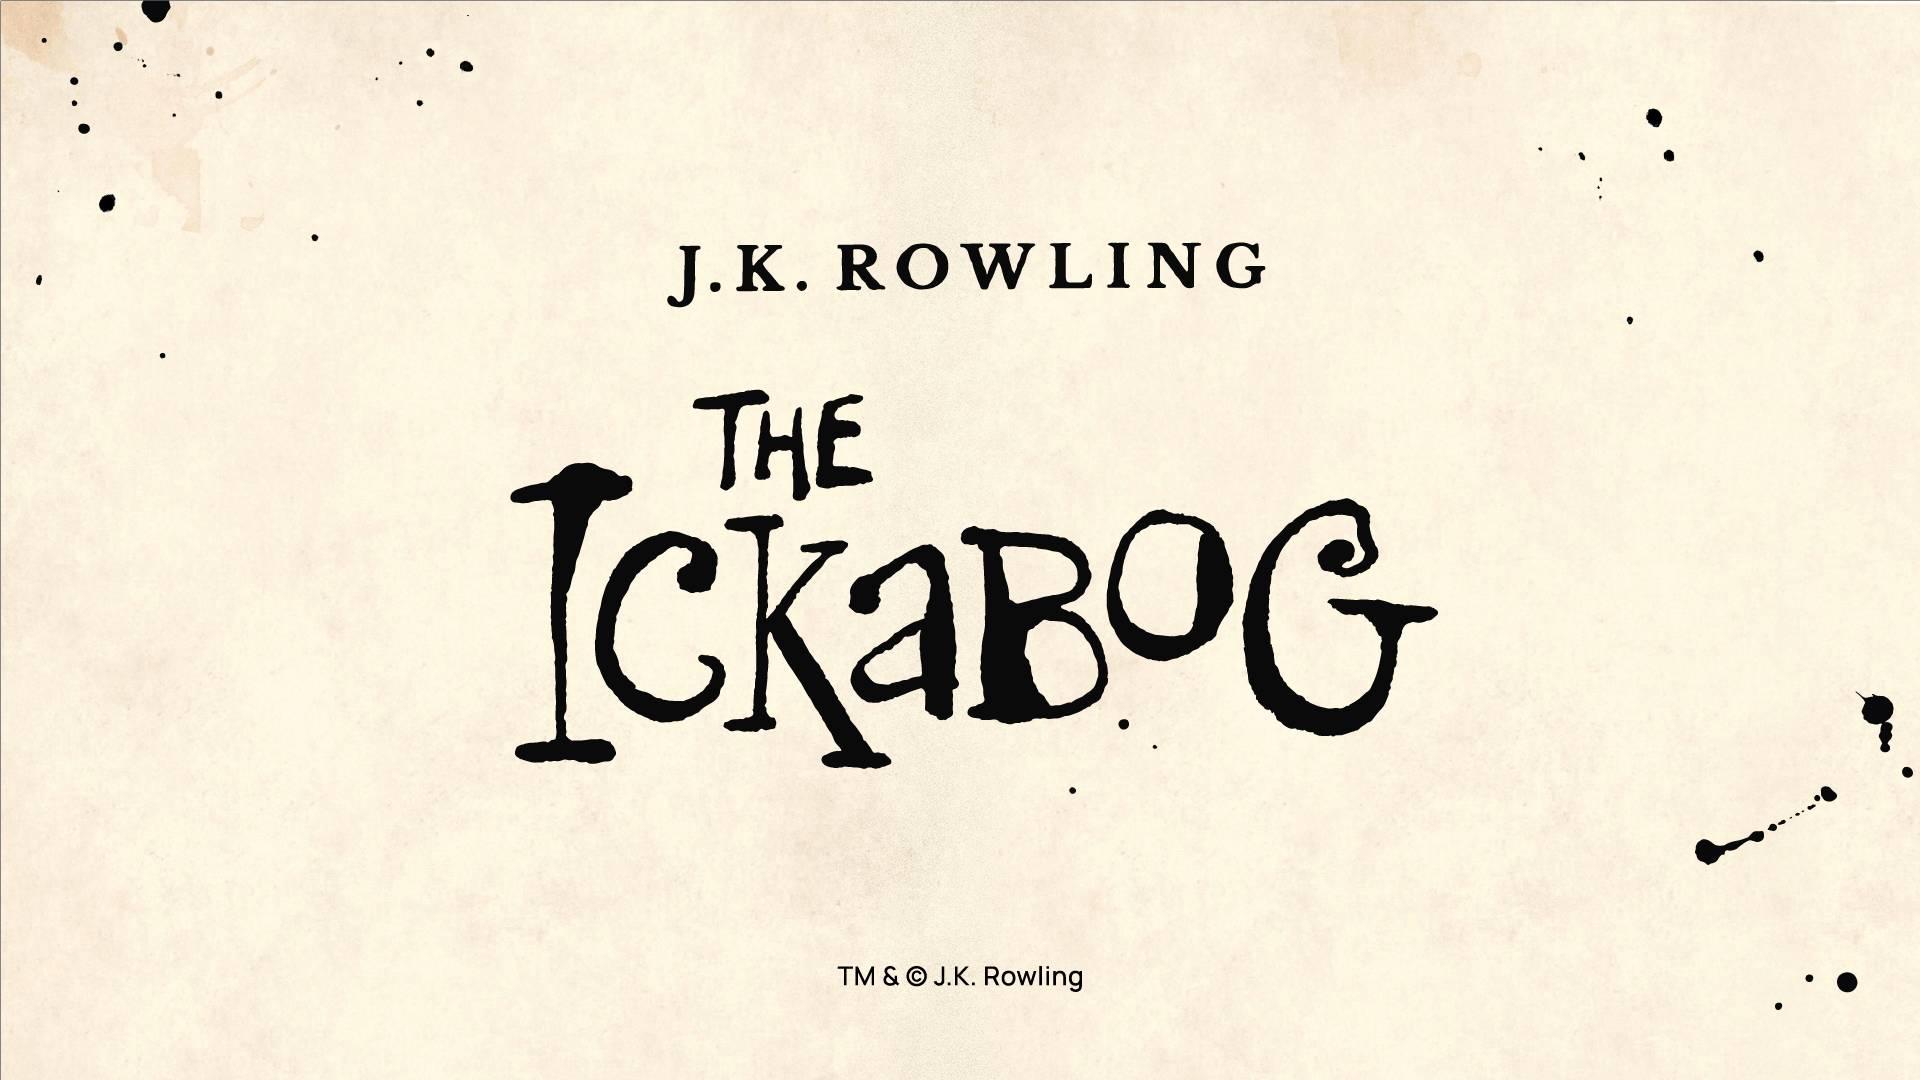 The Ickabog: J.K. Rowling presenta il suo nuovo libro